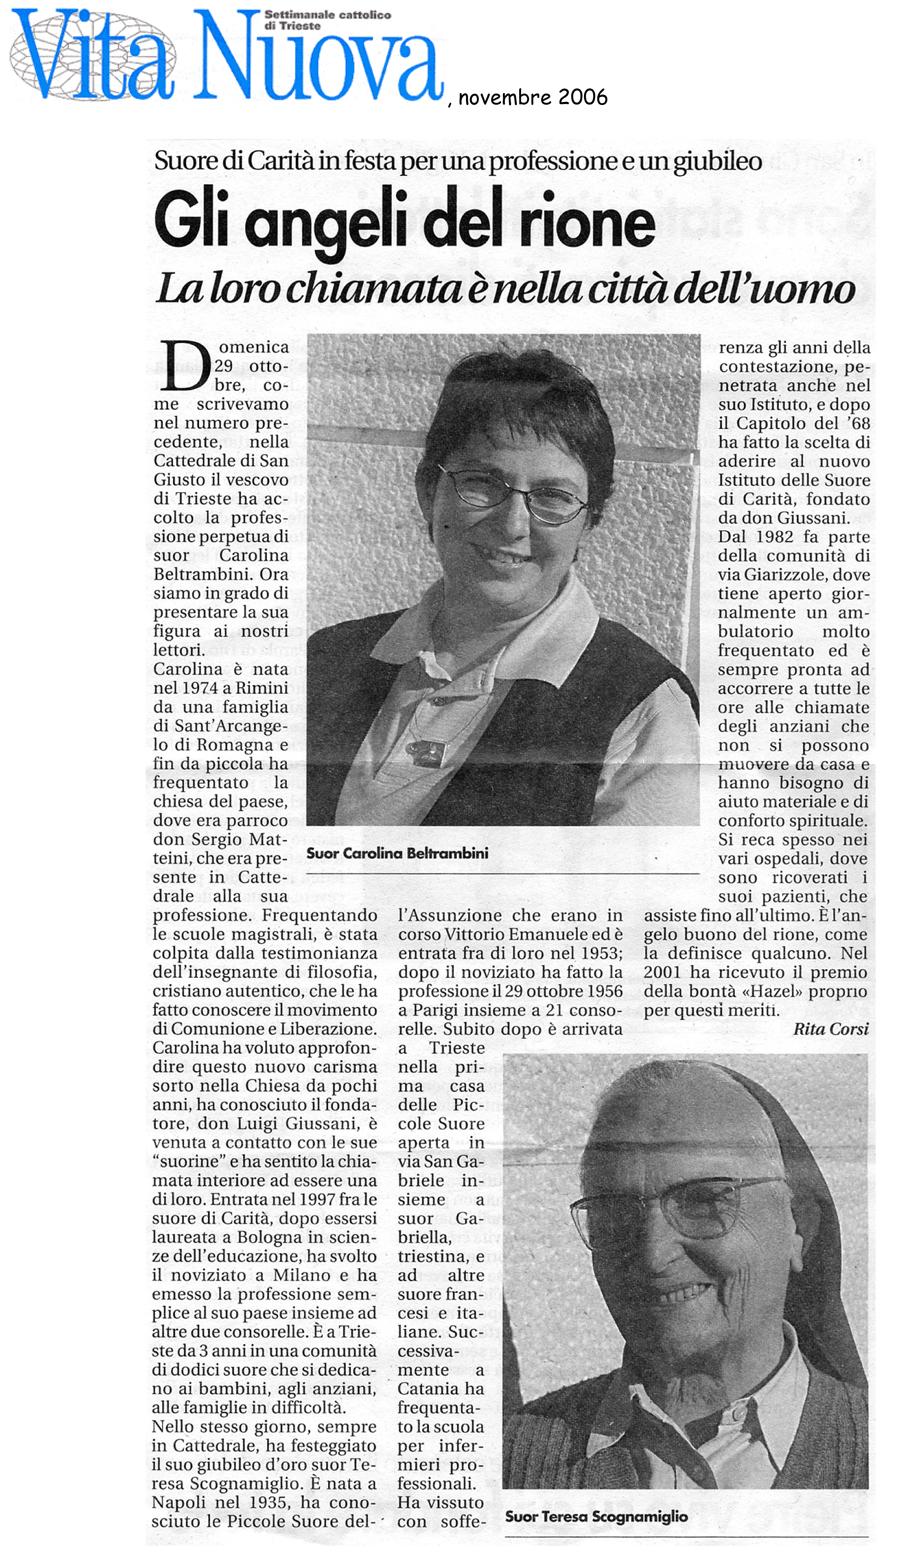 novembre 2006 Vita Nuova, Trieste Gli angeli del rione